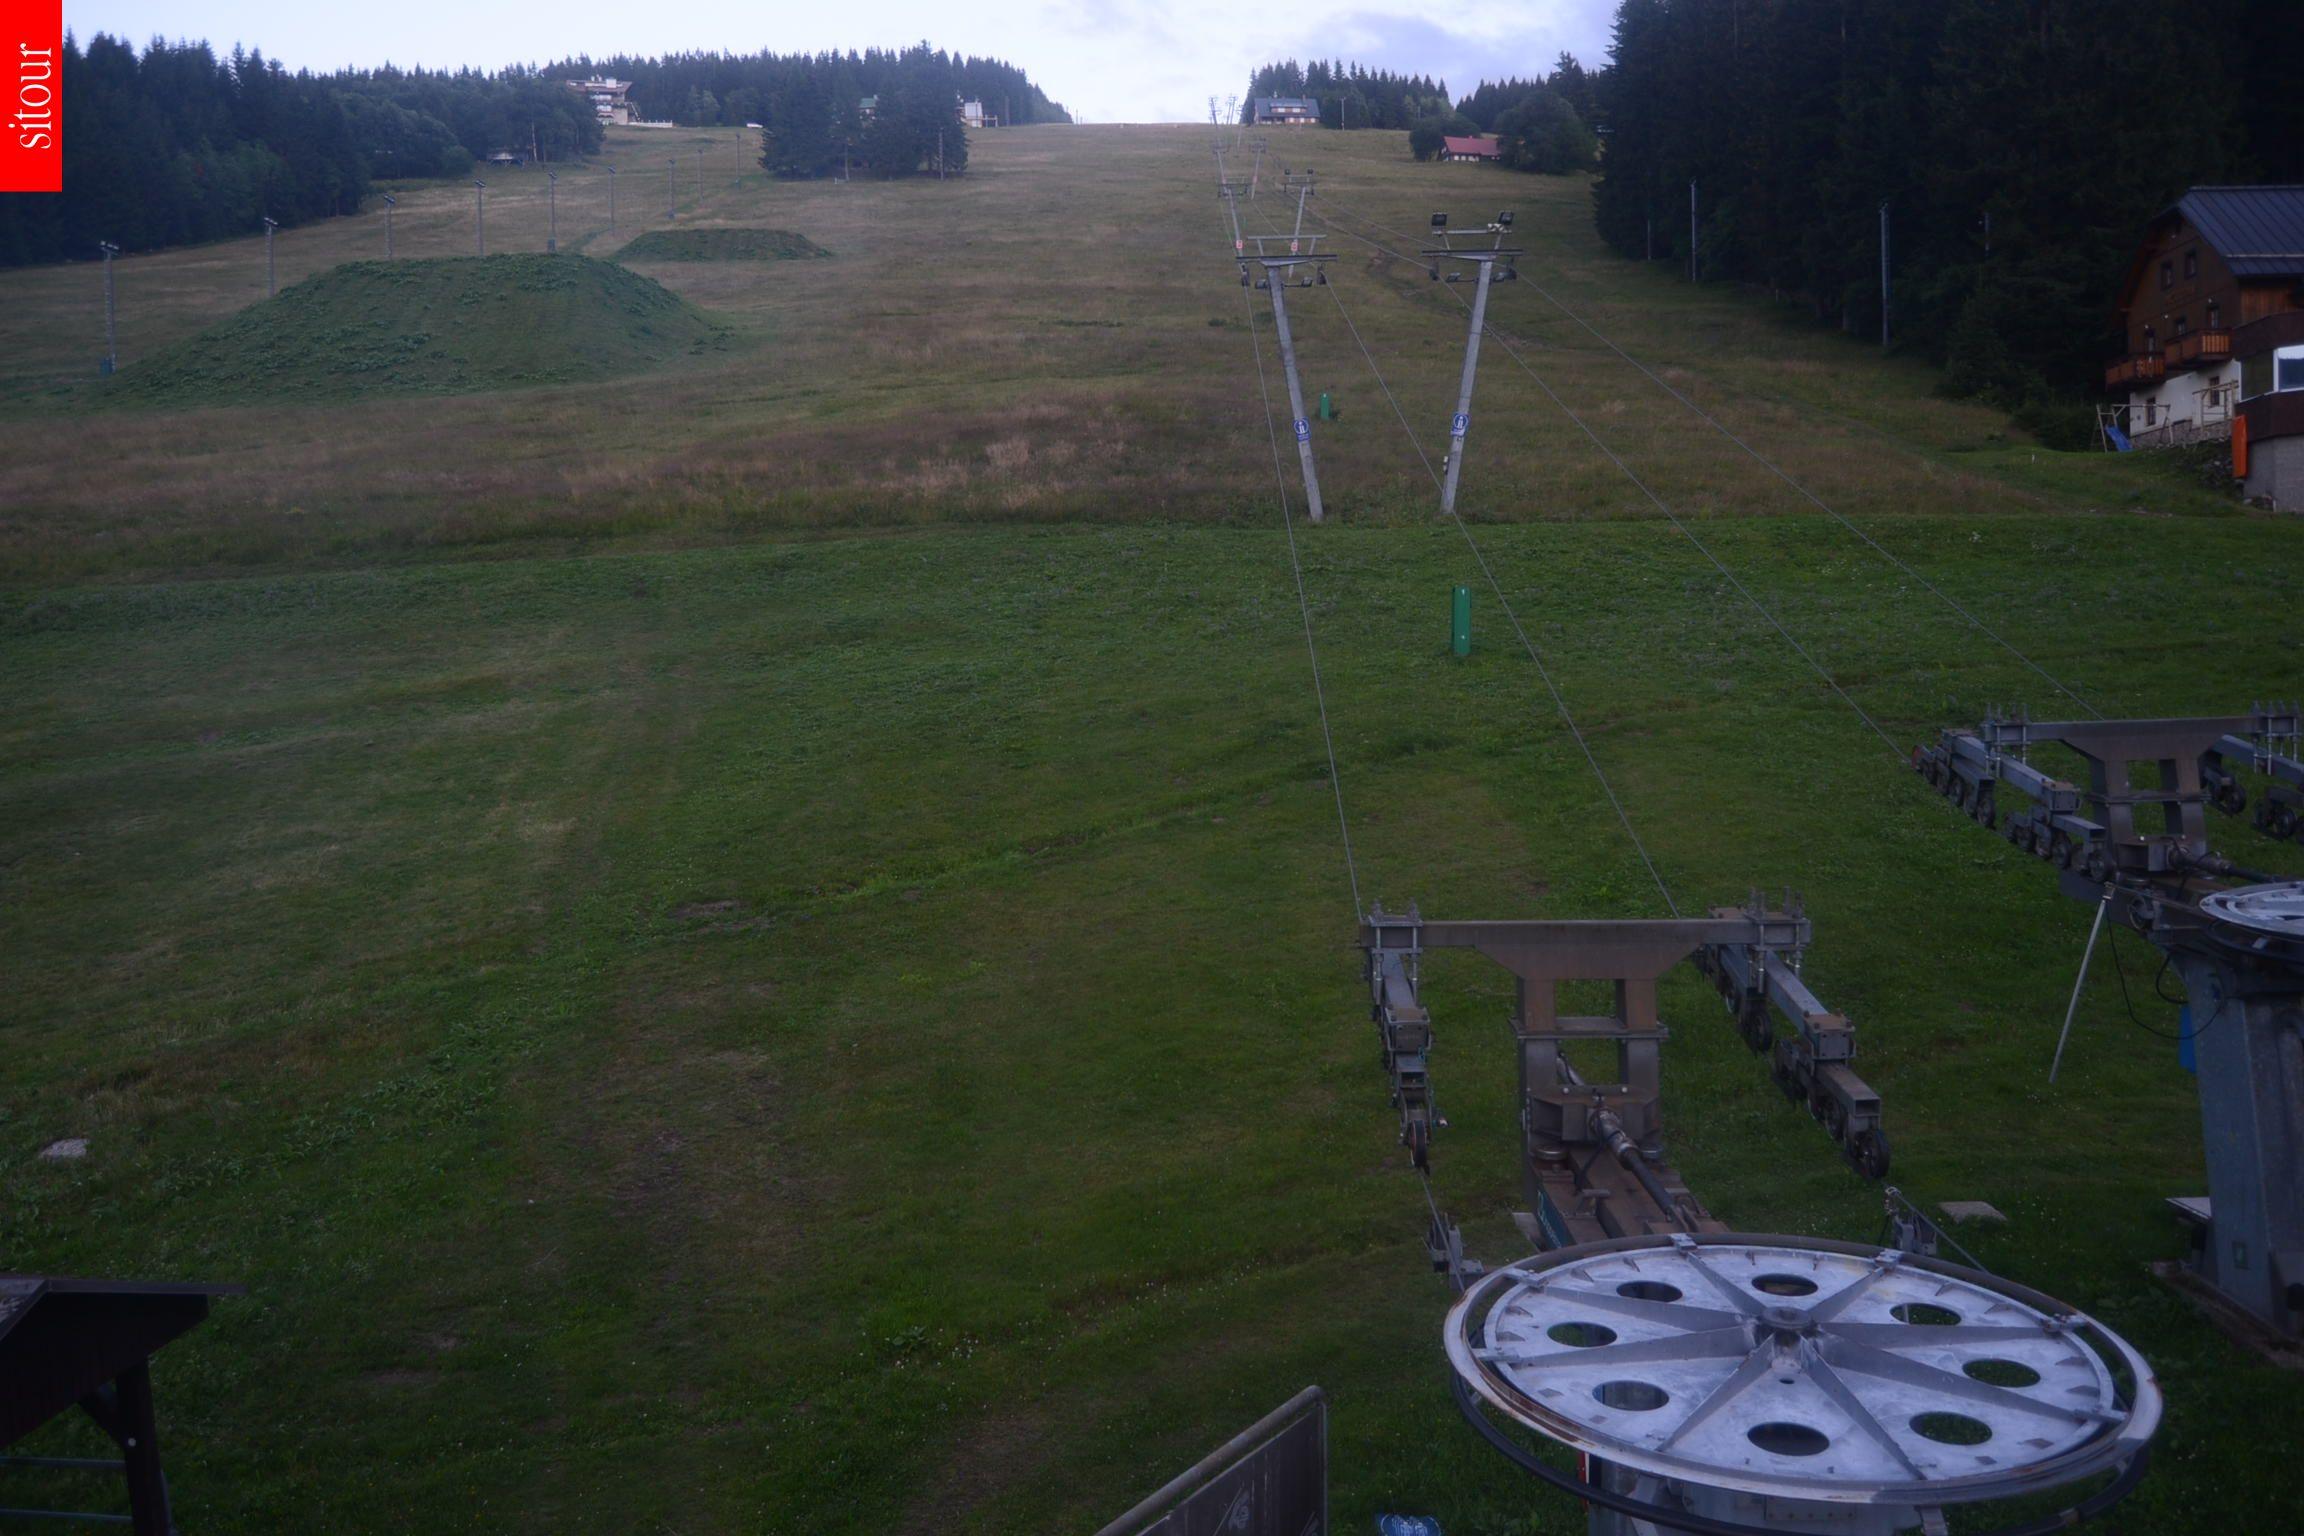 Webcam Ski Resort Pec pod Snezkou Giant Mountains